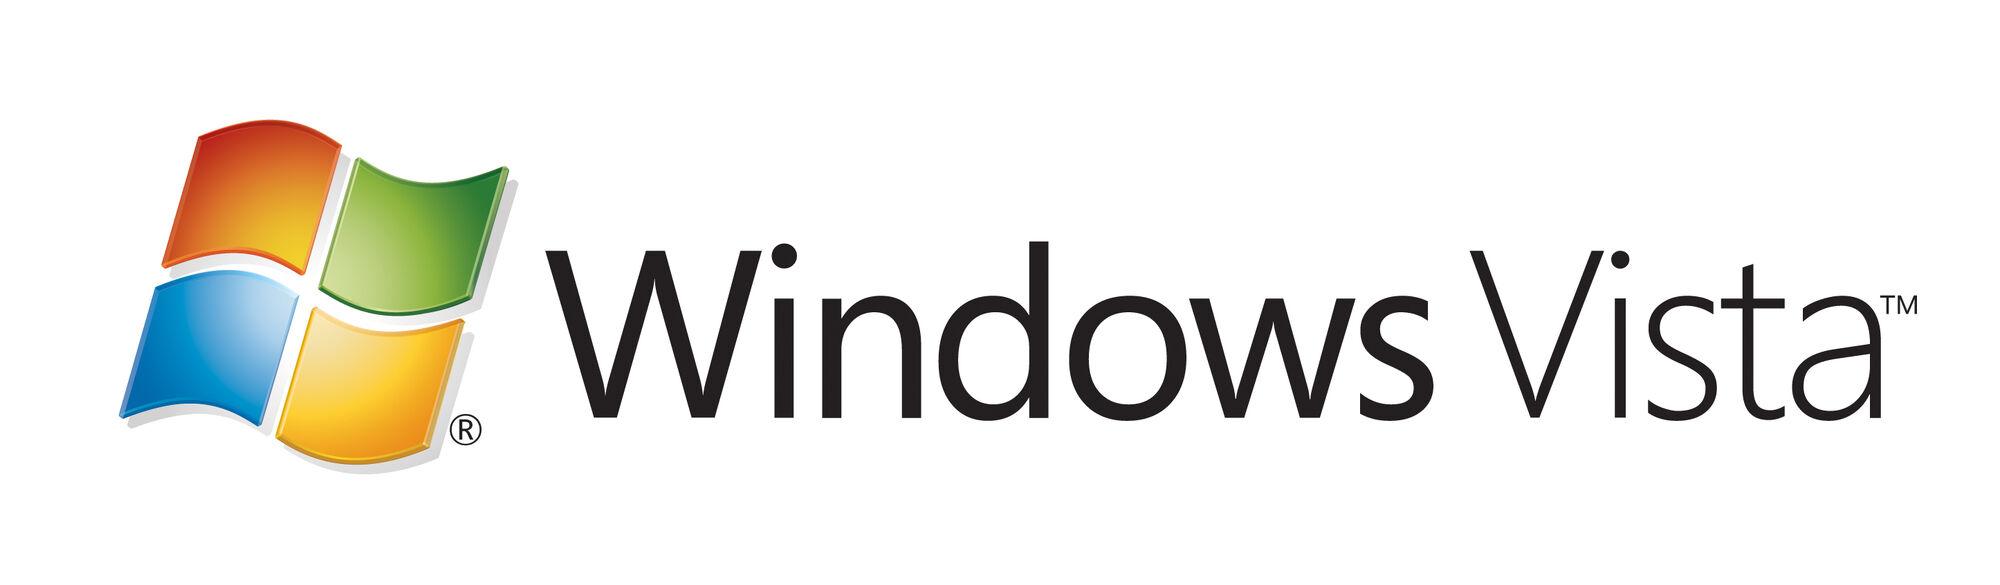 Windows Vista   Microsoft Wiki   FANDOM powered by Wikia